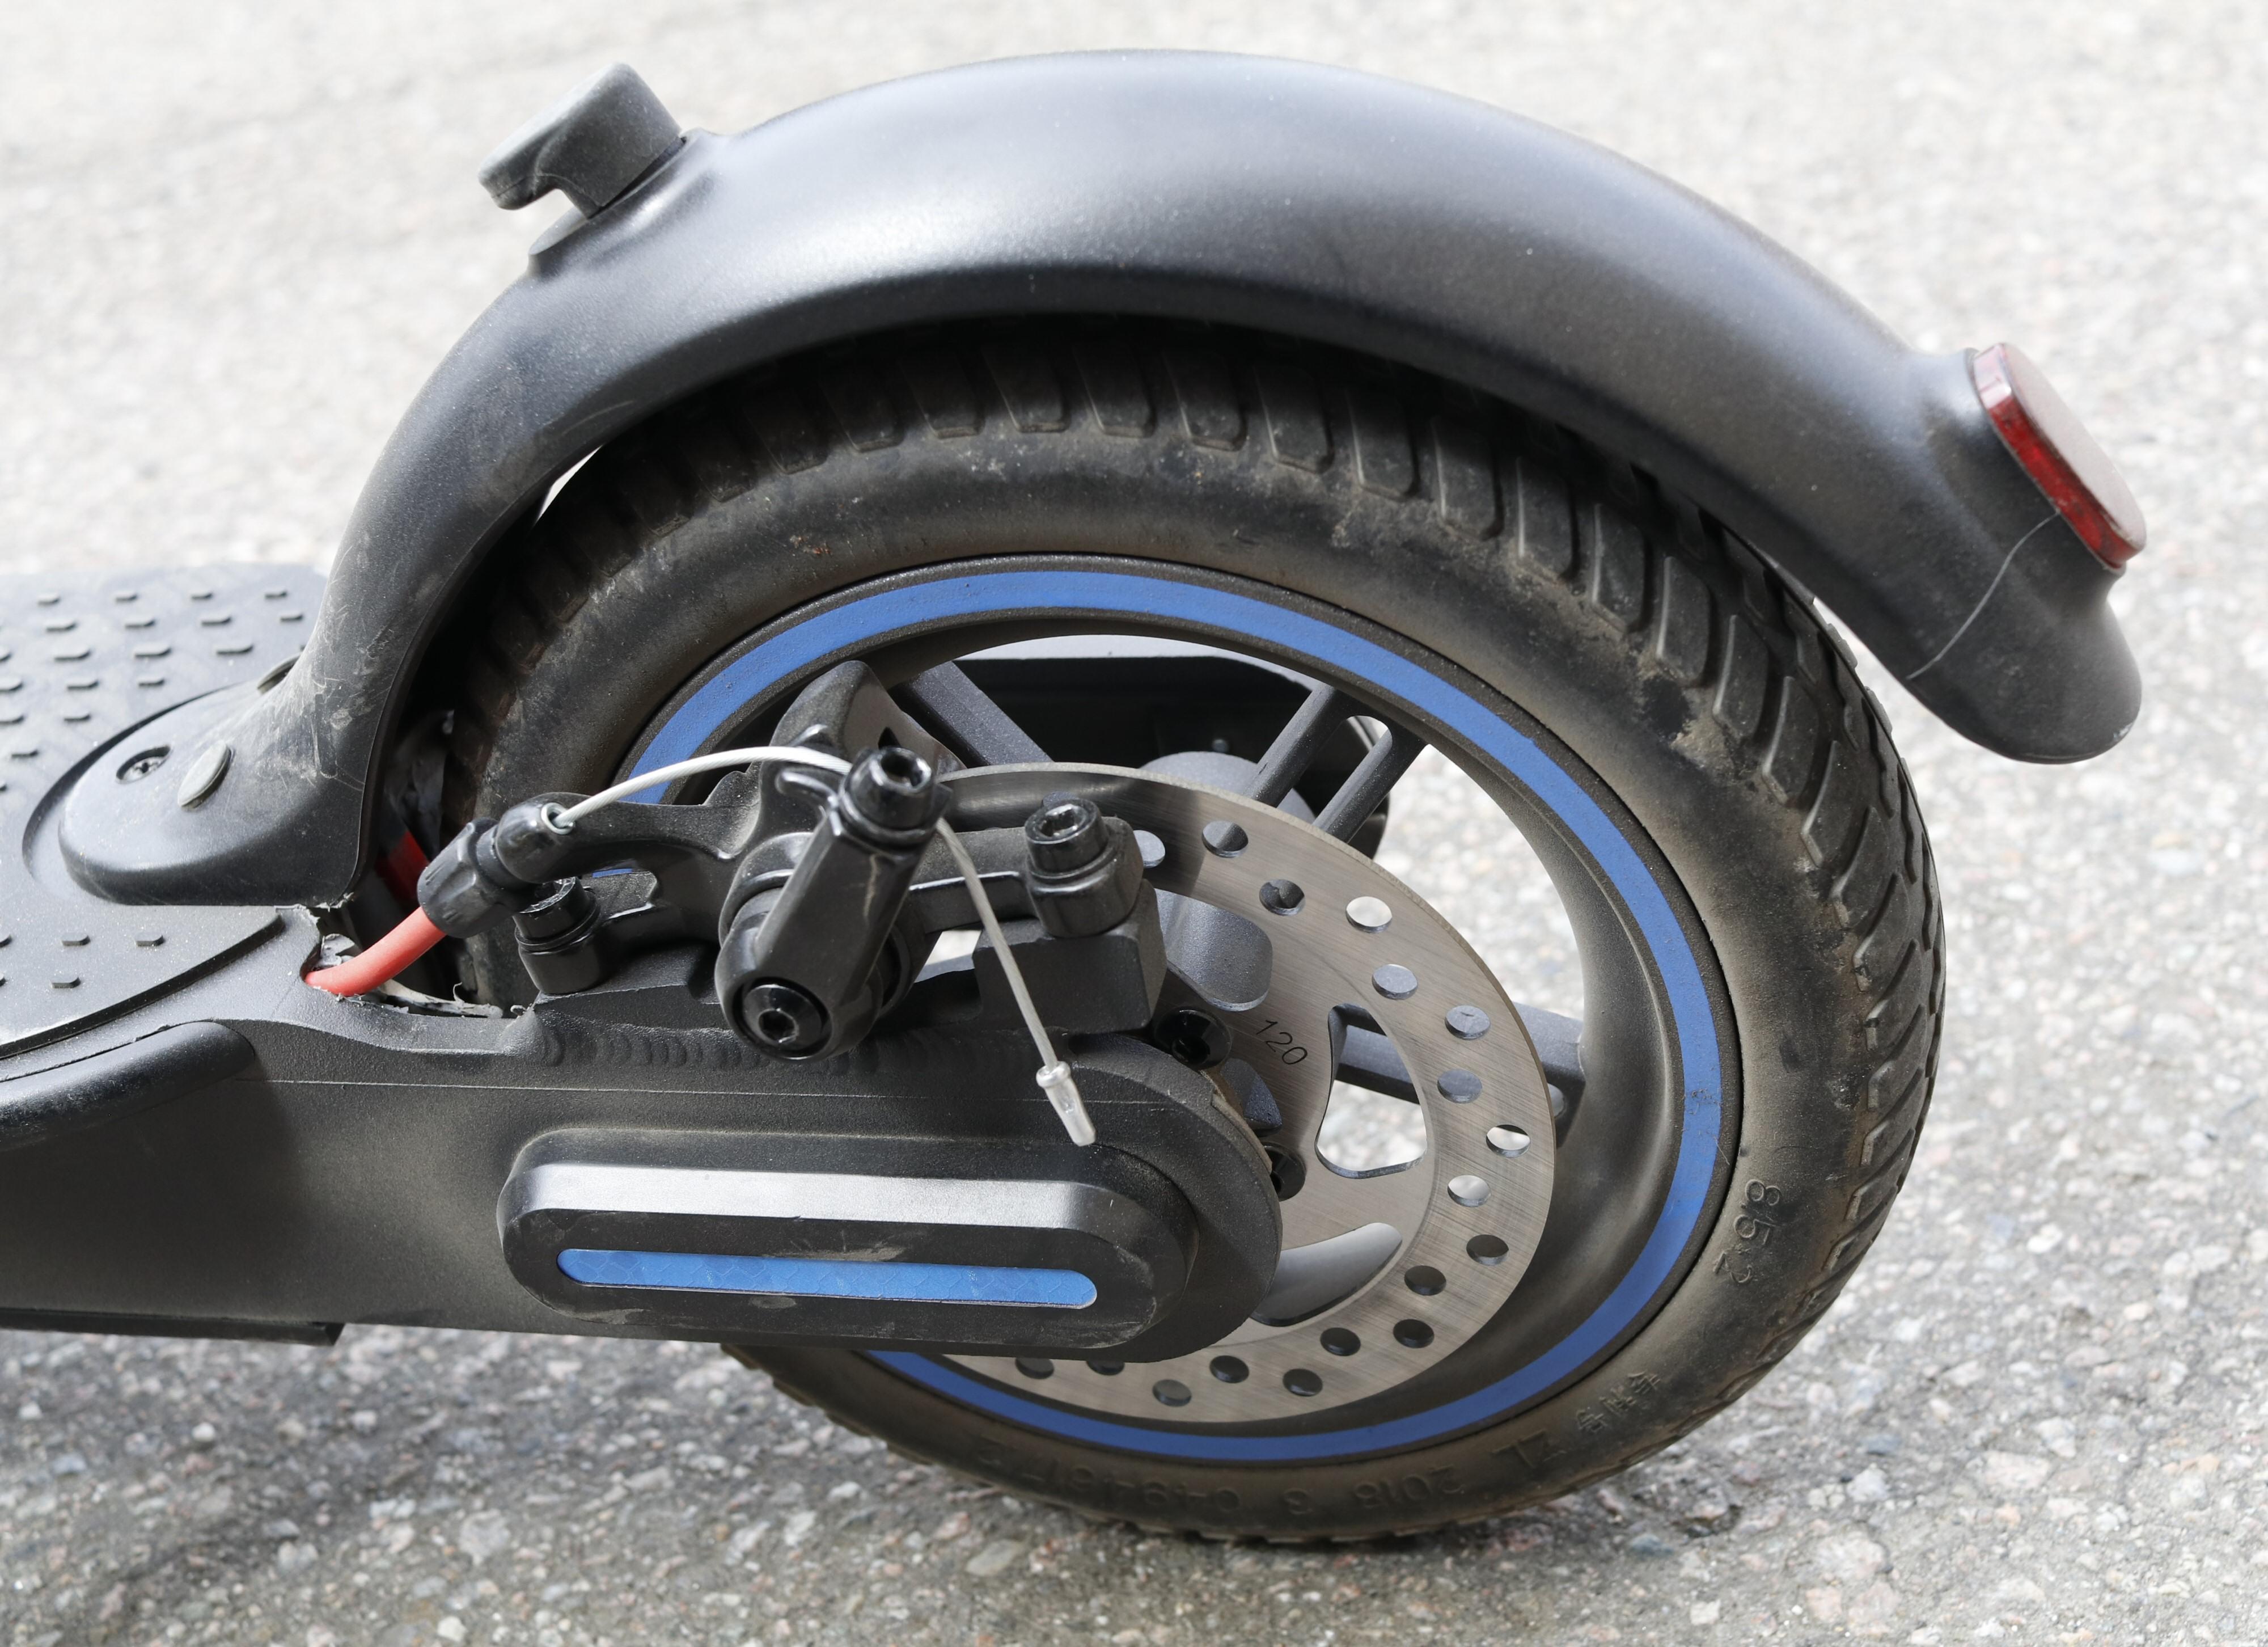 Både E-350 og E-500 har generelt gode bremser. Dekkene er punkteringsfrie med innvendige hulrom som gjør at de også demper en del.